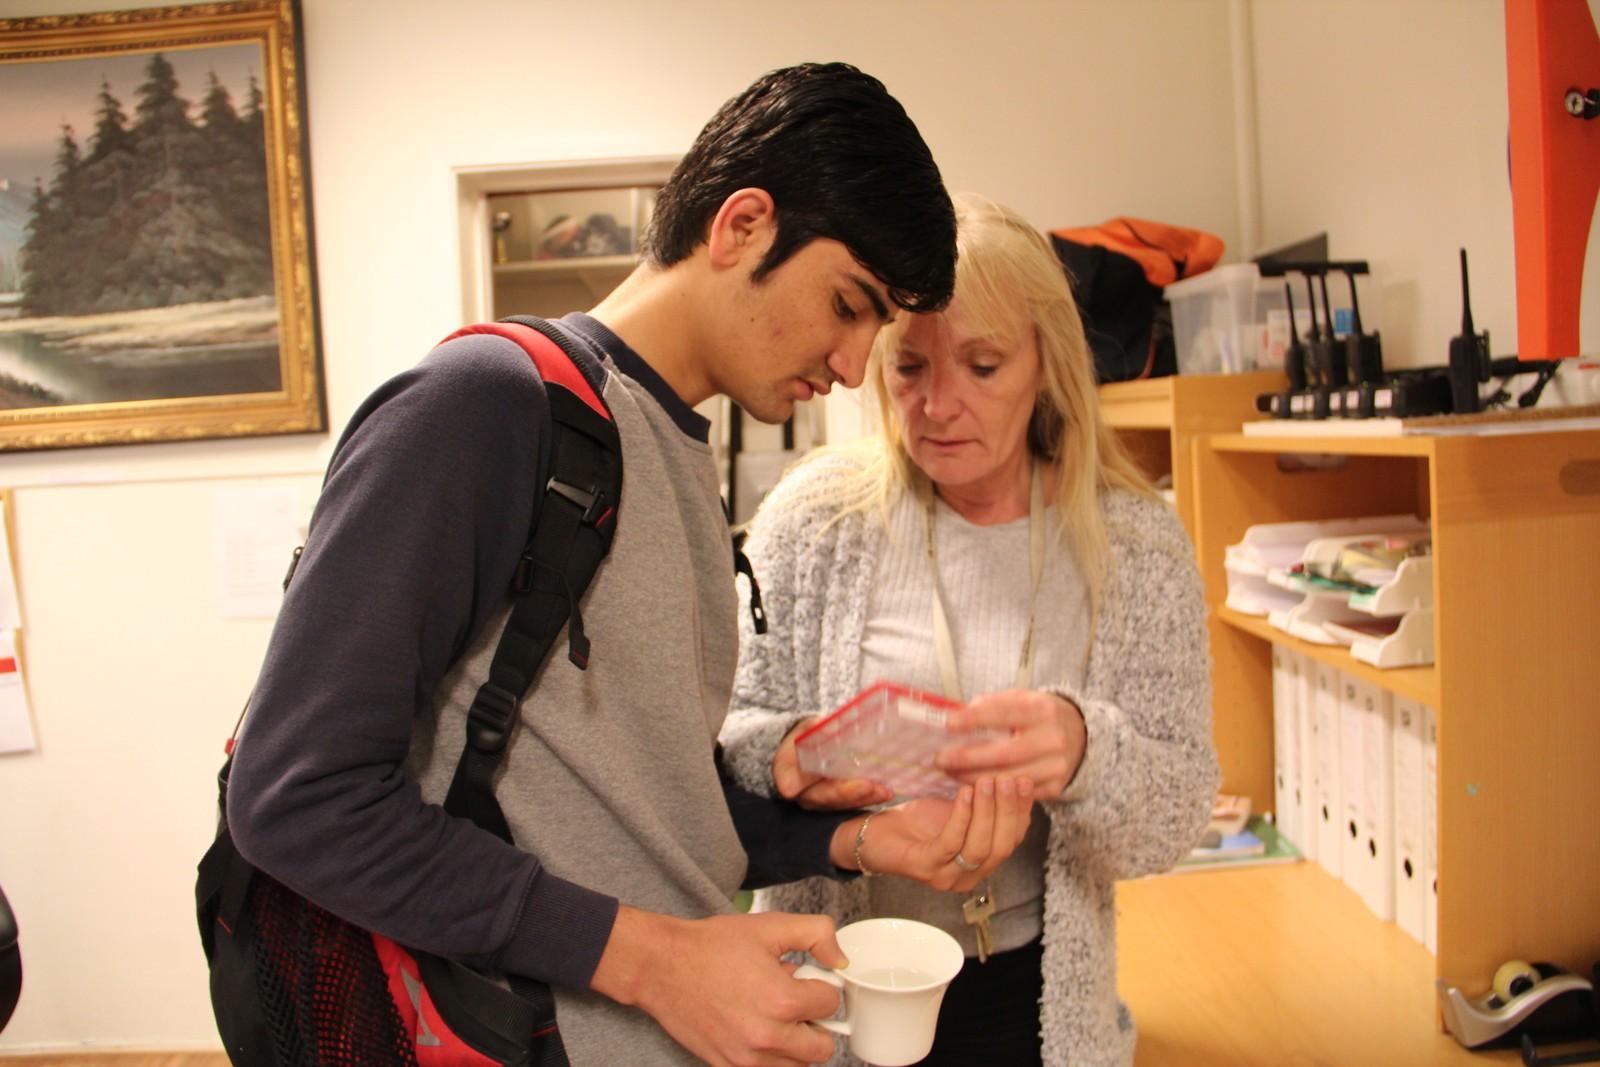 MEDISINERING: De unge går på mange og tunge medisiner når de går gjennom den vanskelige tiden på mottaket. Her gir Marit Holmbukt medisin til en av dem.